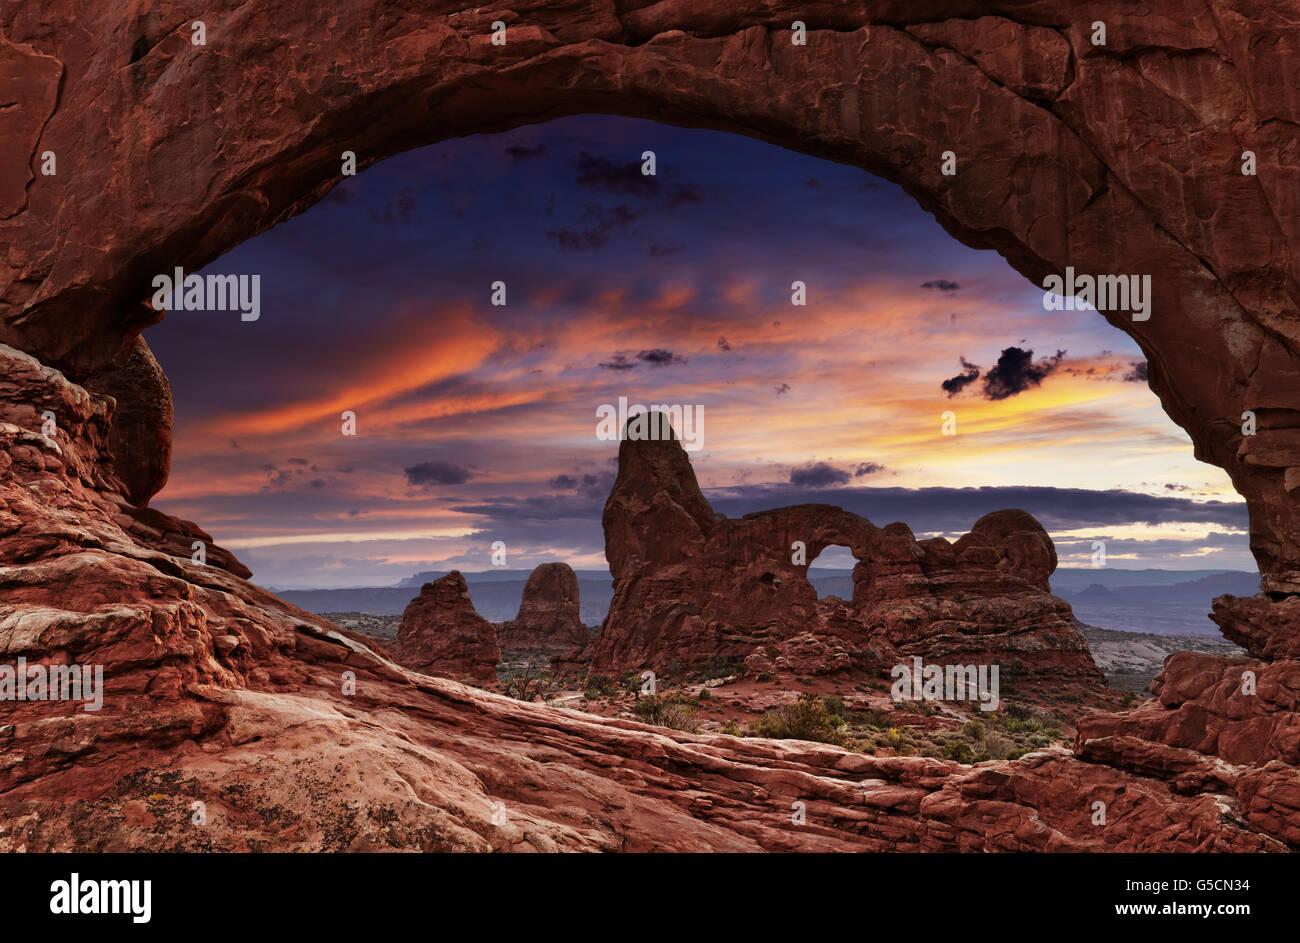 Fenêtre nord Arch Arch et de la tourelle au coucher du soleil, Arches National Park, Utah, USA Photo Stock